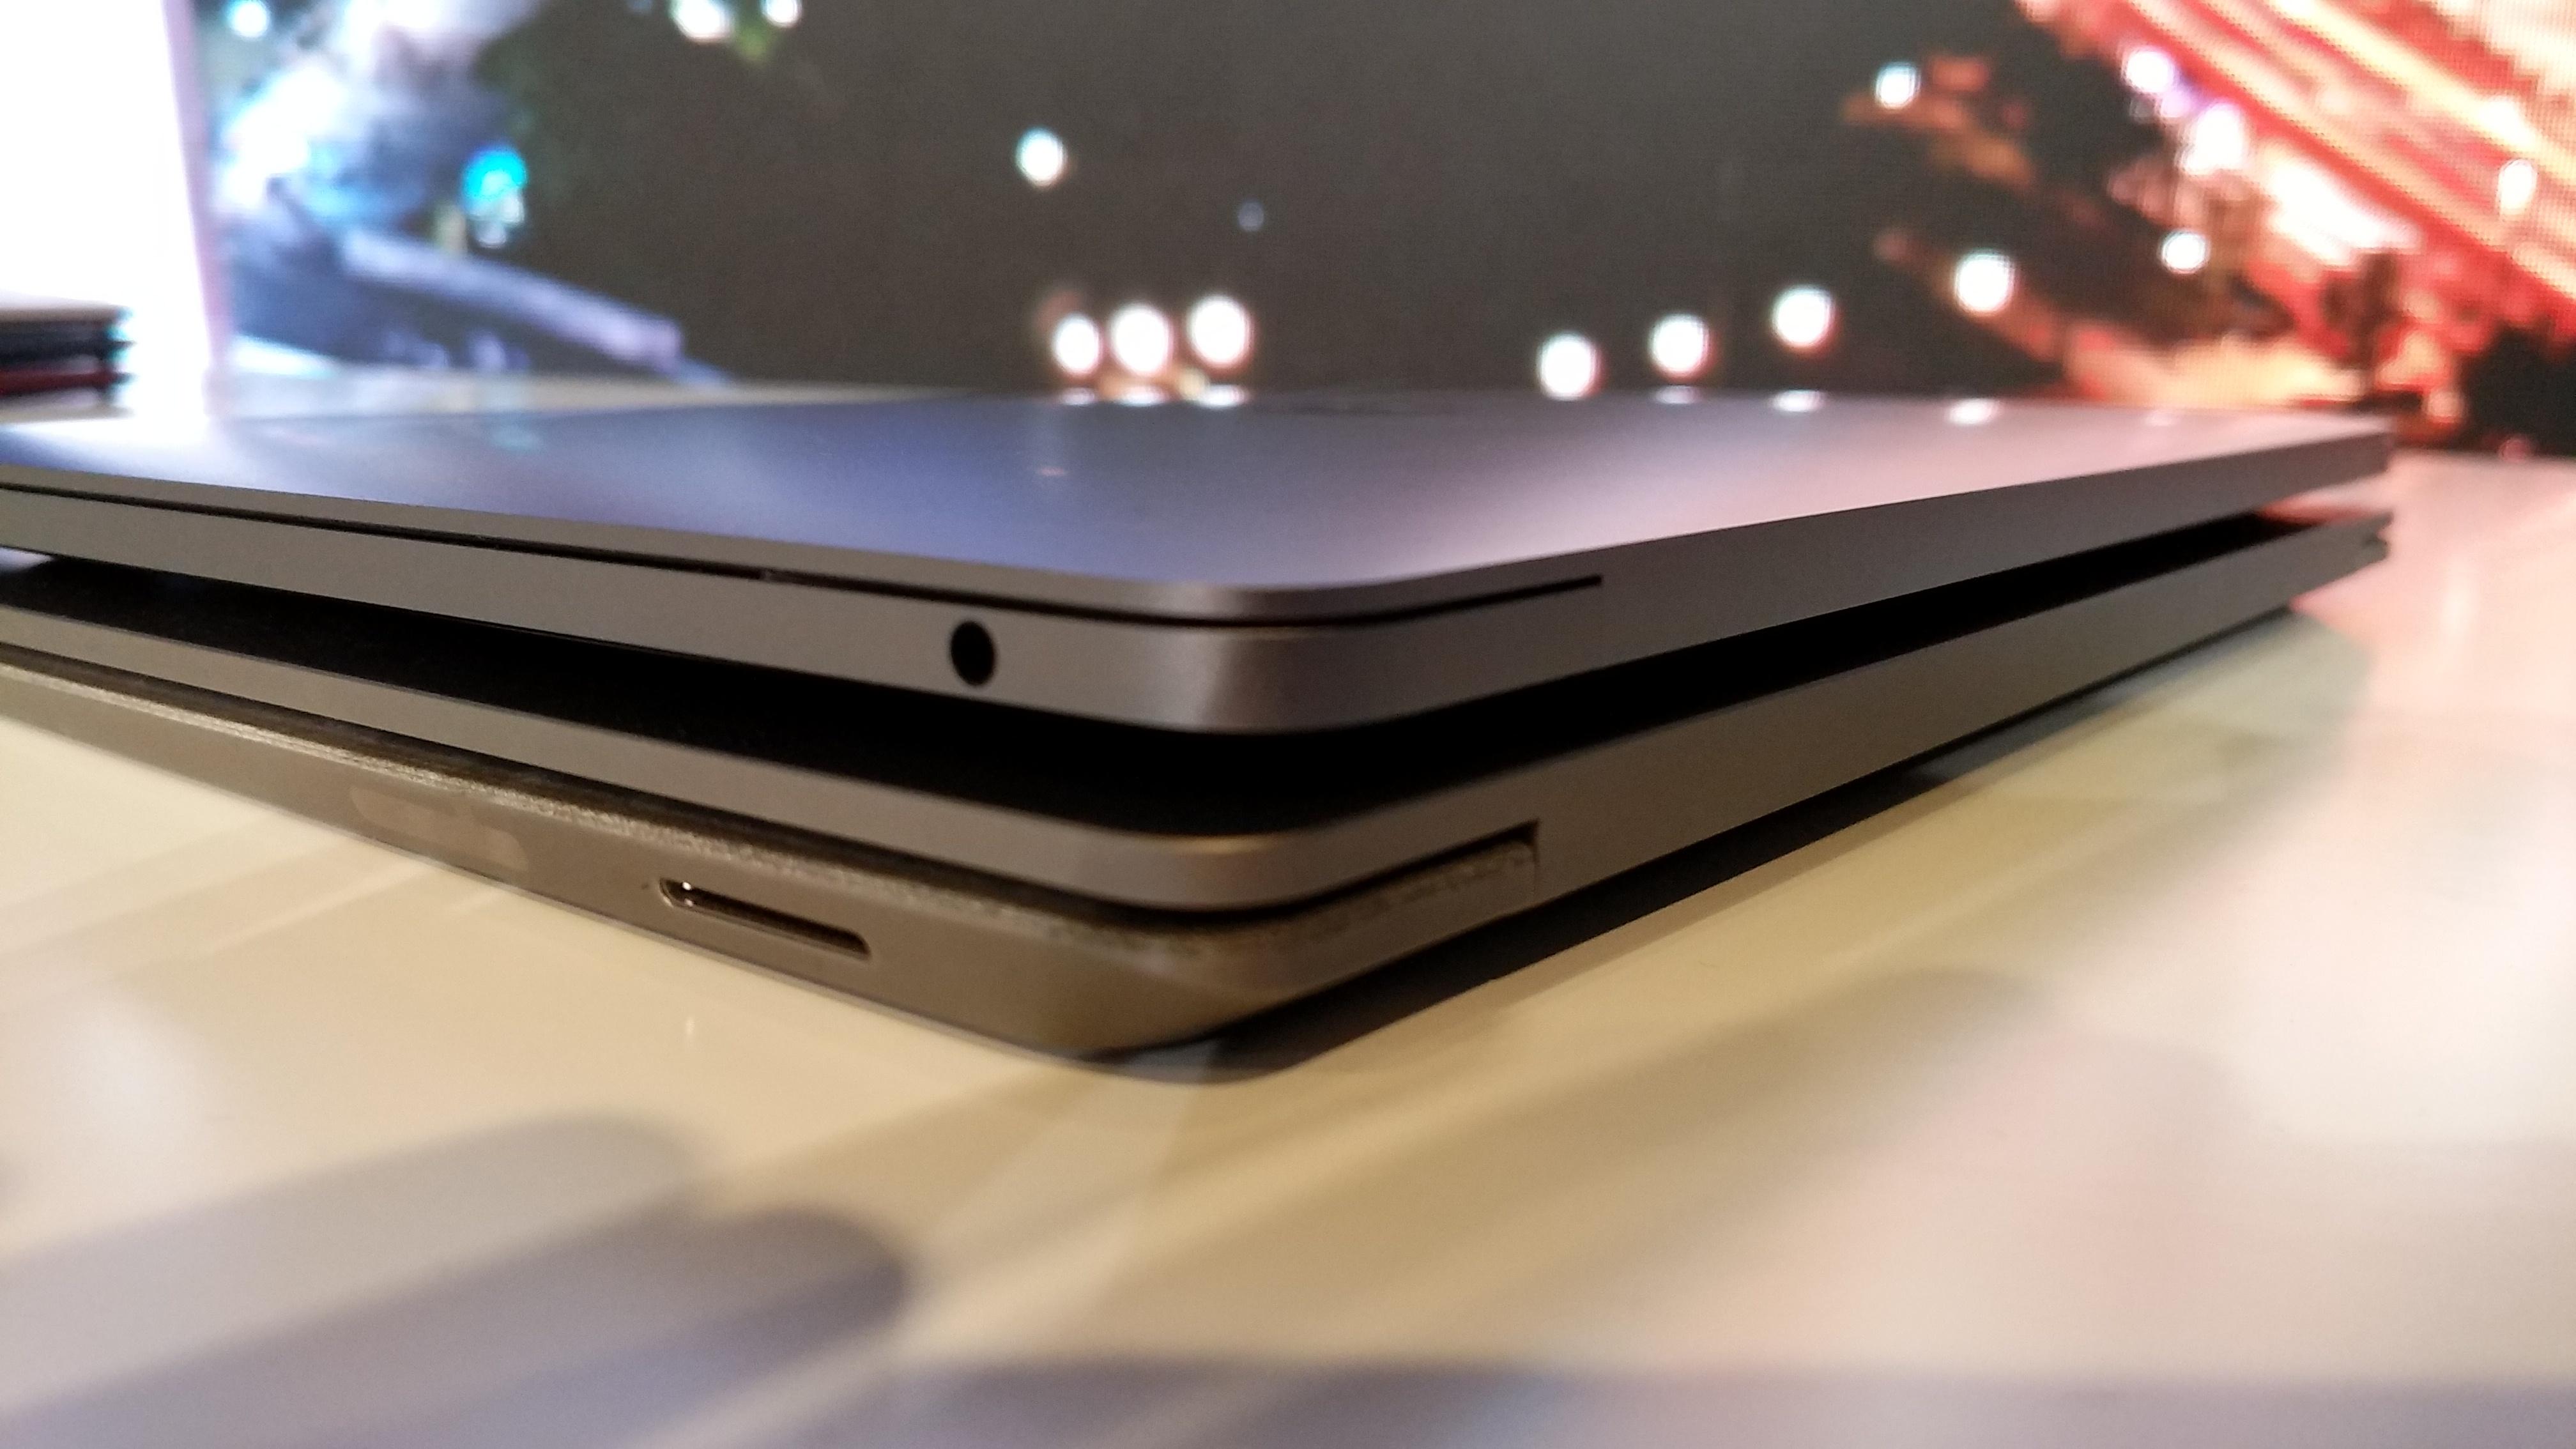 微软Laptop对比苹果新款MacBook,你会选择谁?的照片 - 9